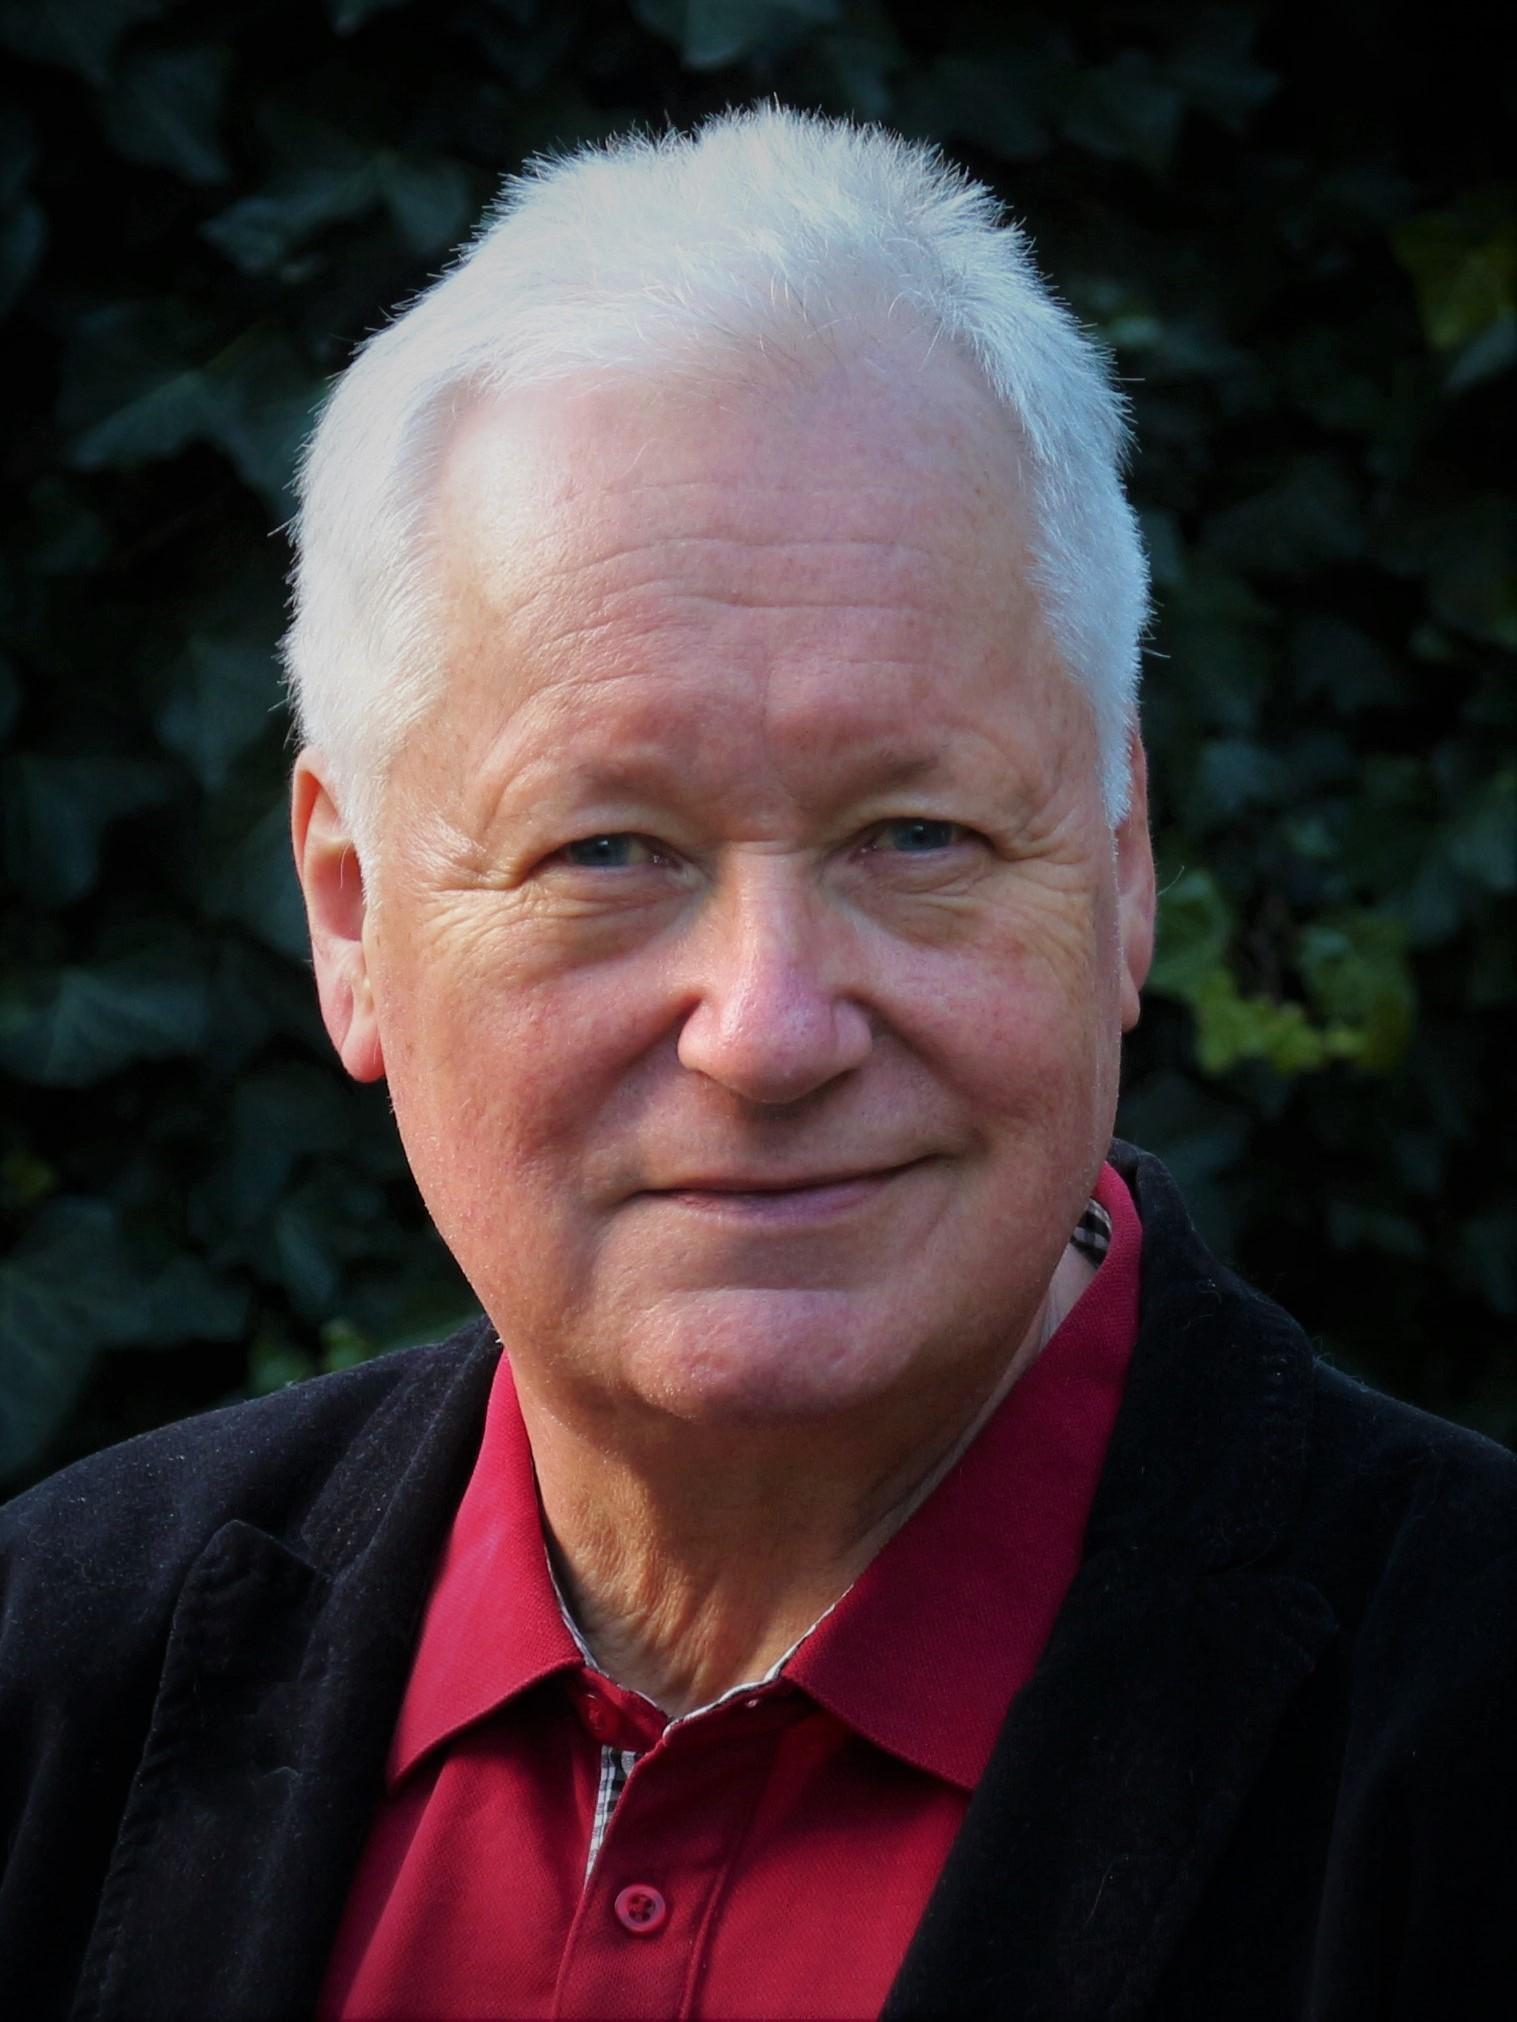 Alexander Goerigk